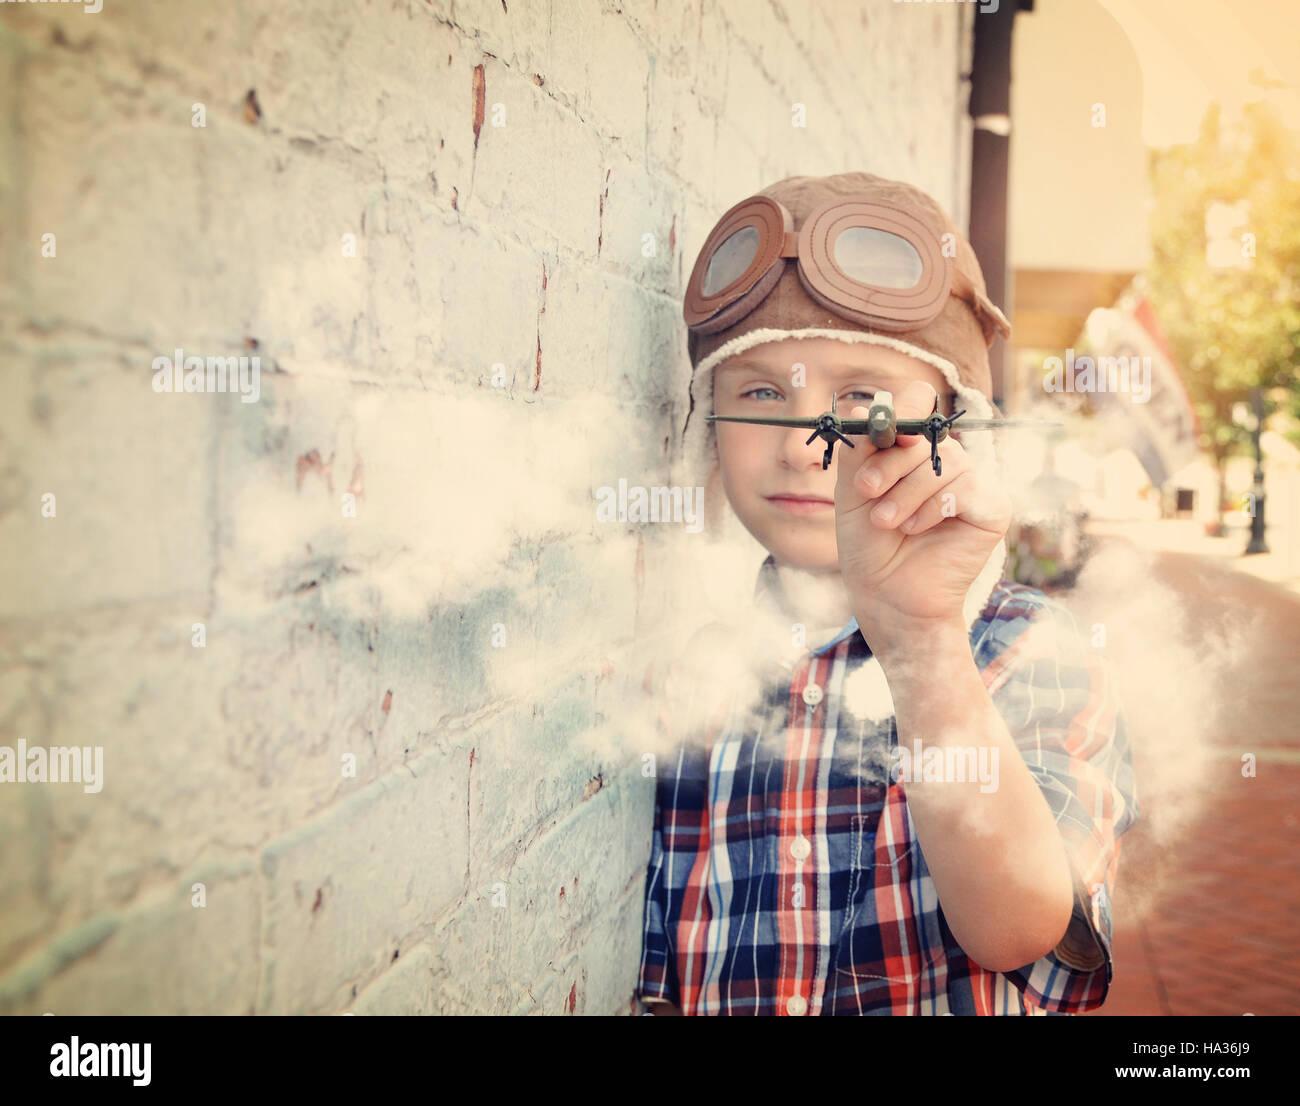 Un joven está fingiendo ser un piloto y jugando con un avión de juguete contra una pared de ladrillos Imagen De Stock